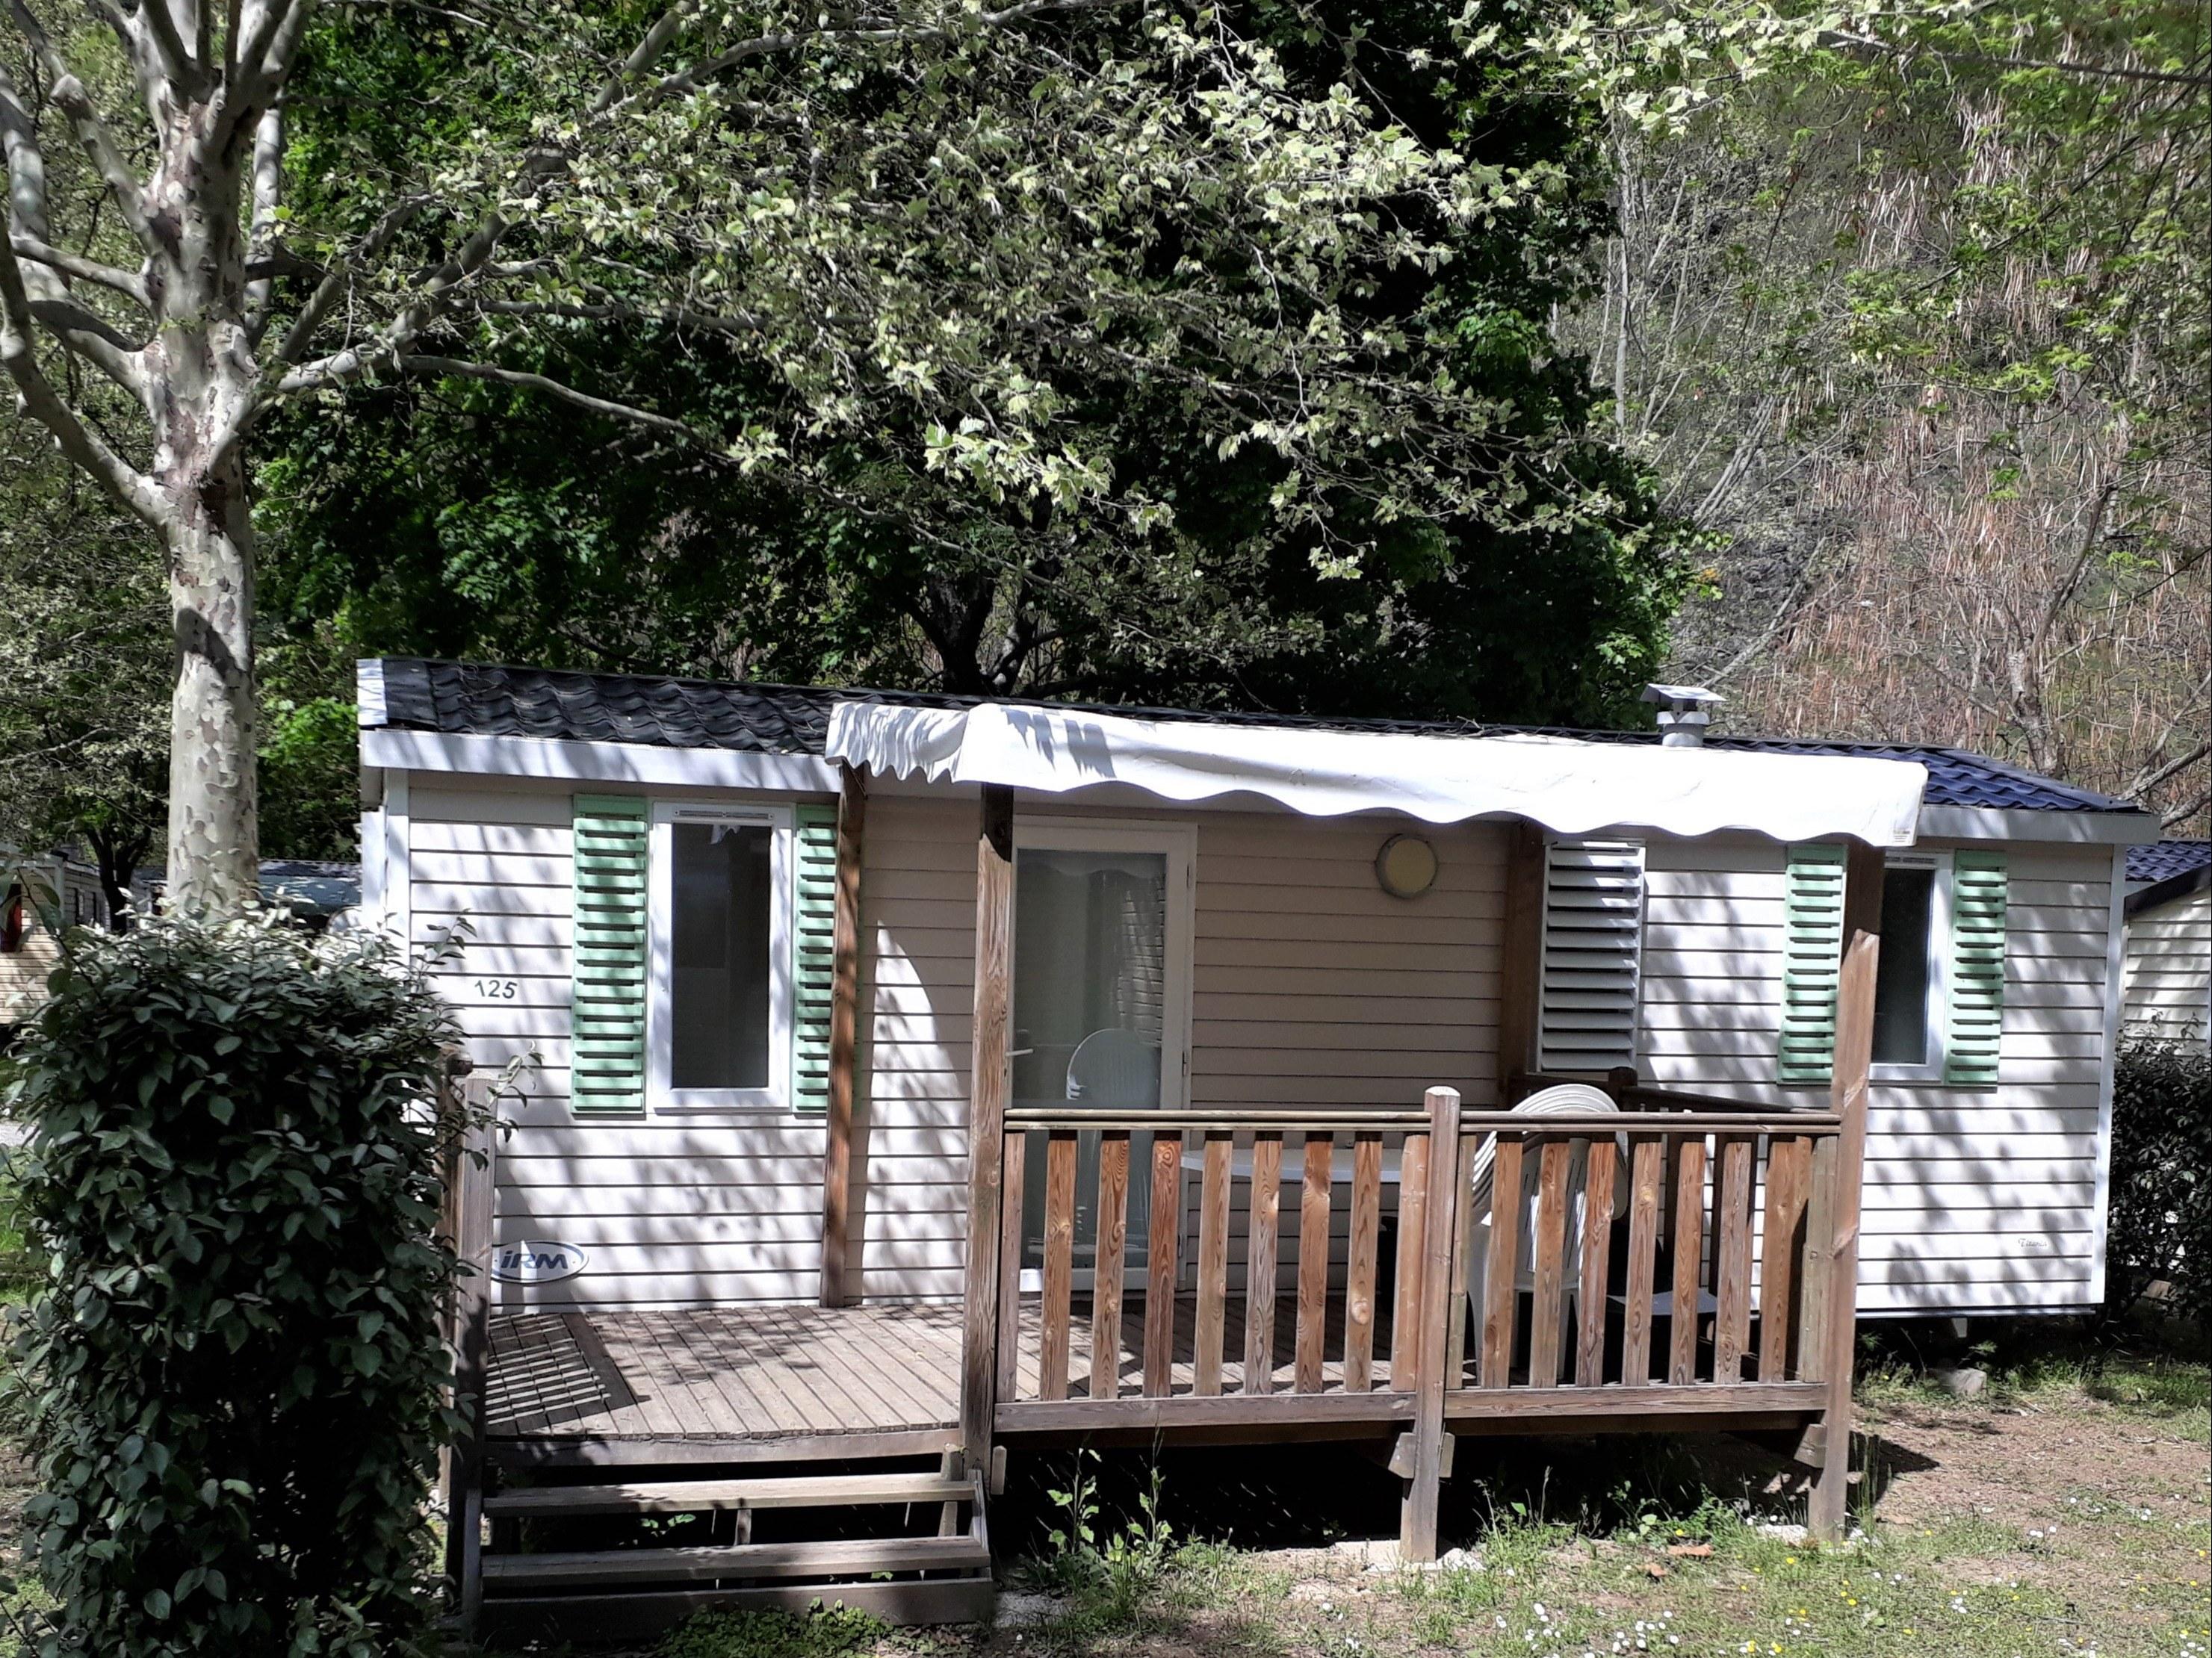 MOBILE HOME CONFORT CAMPING DE RETOURTOUR ARDECHE RIVIERE PISCINE